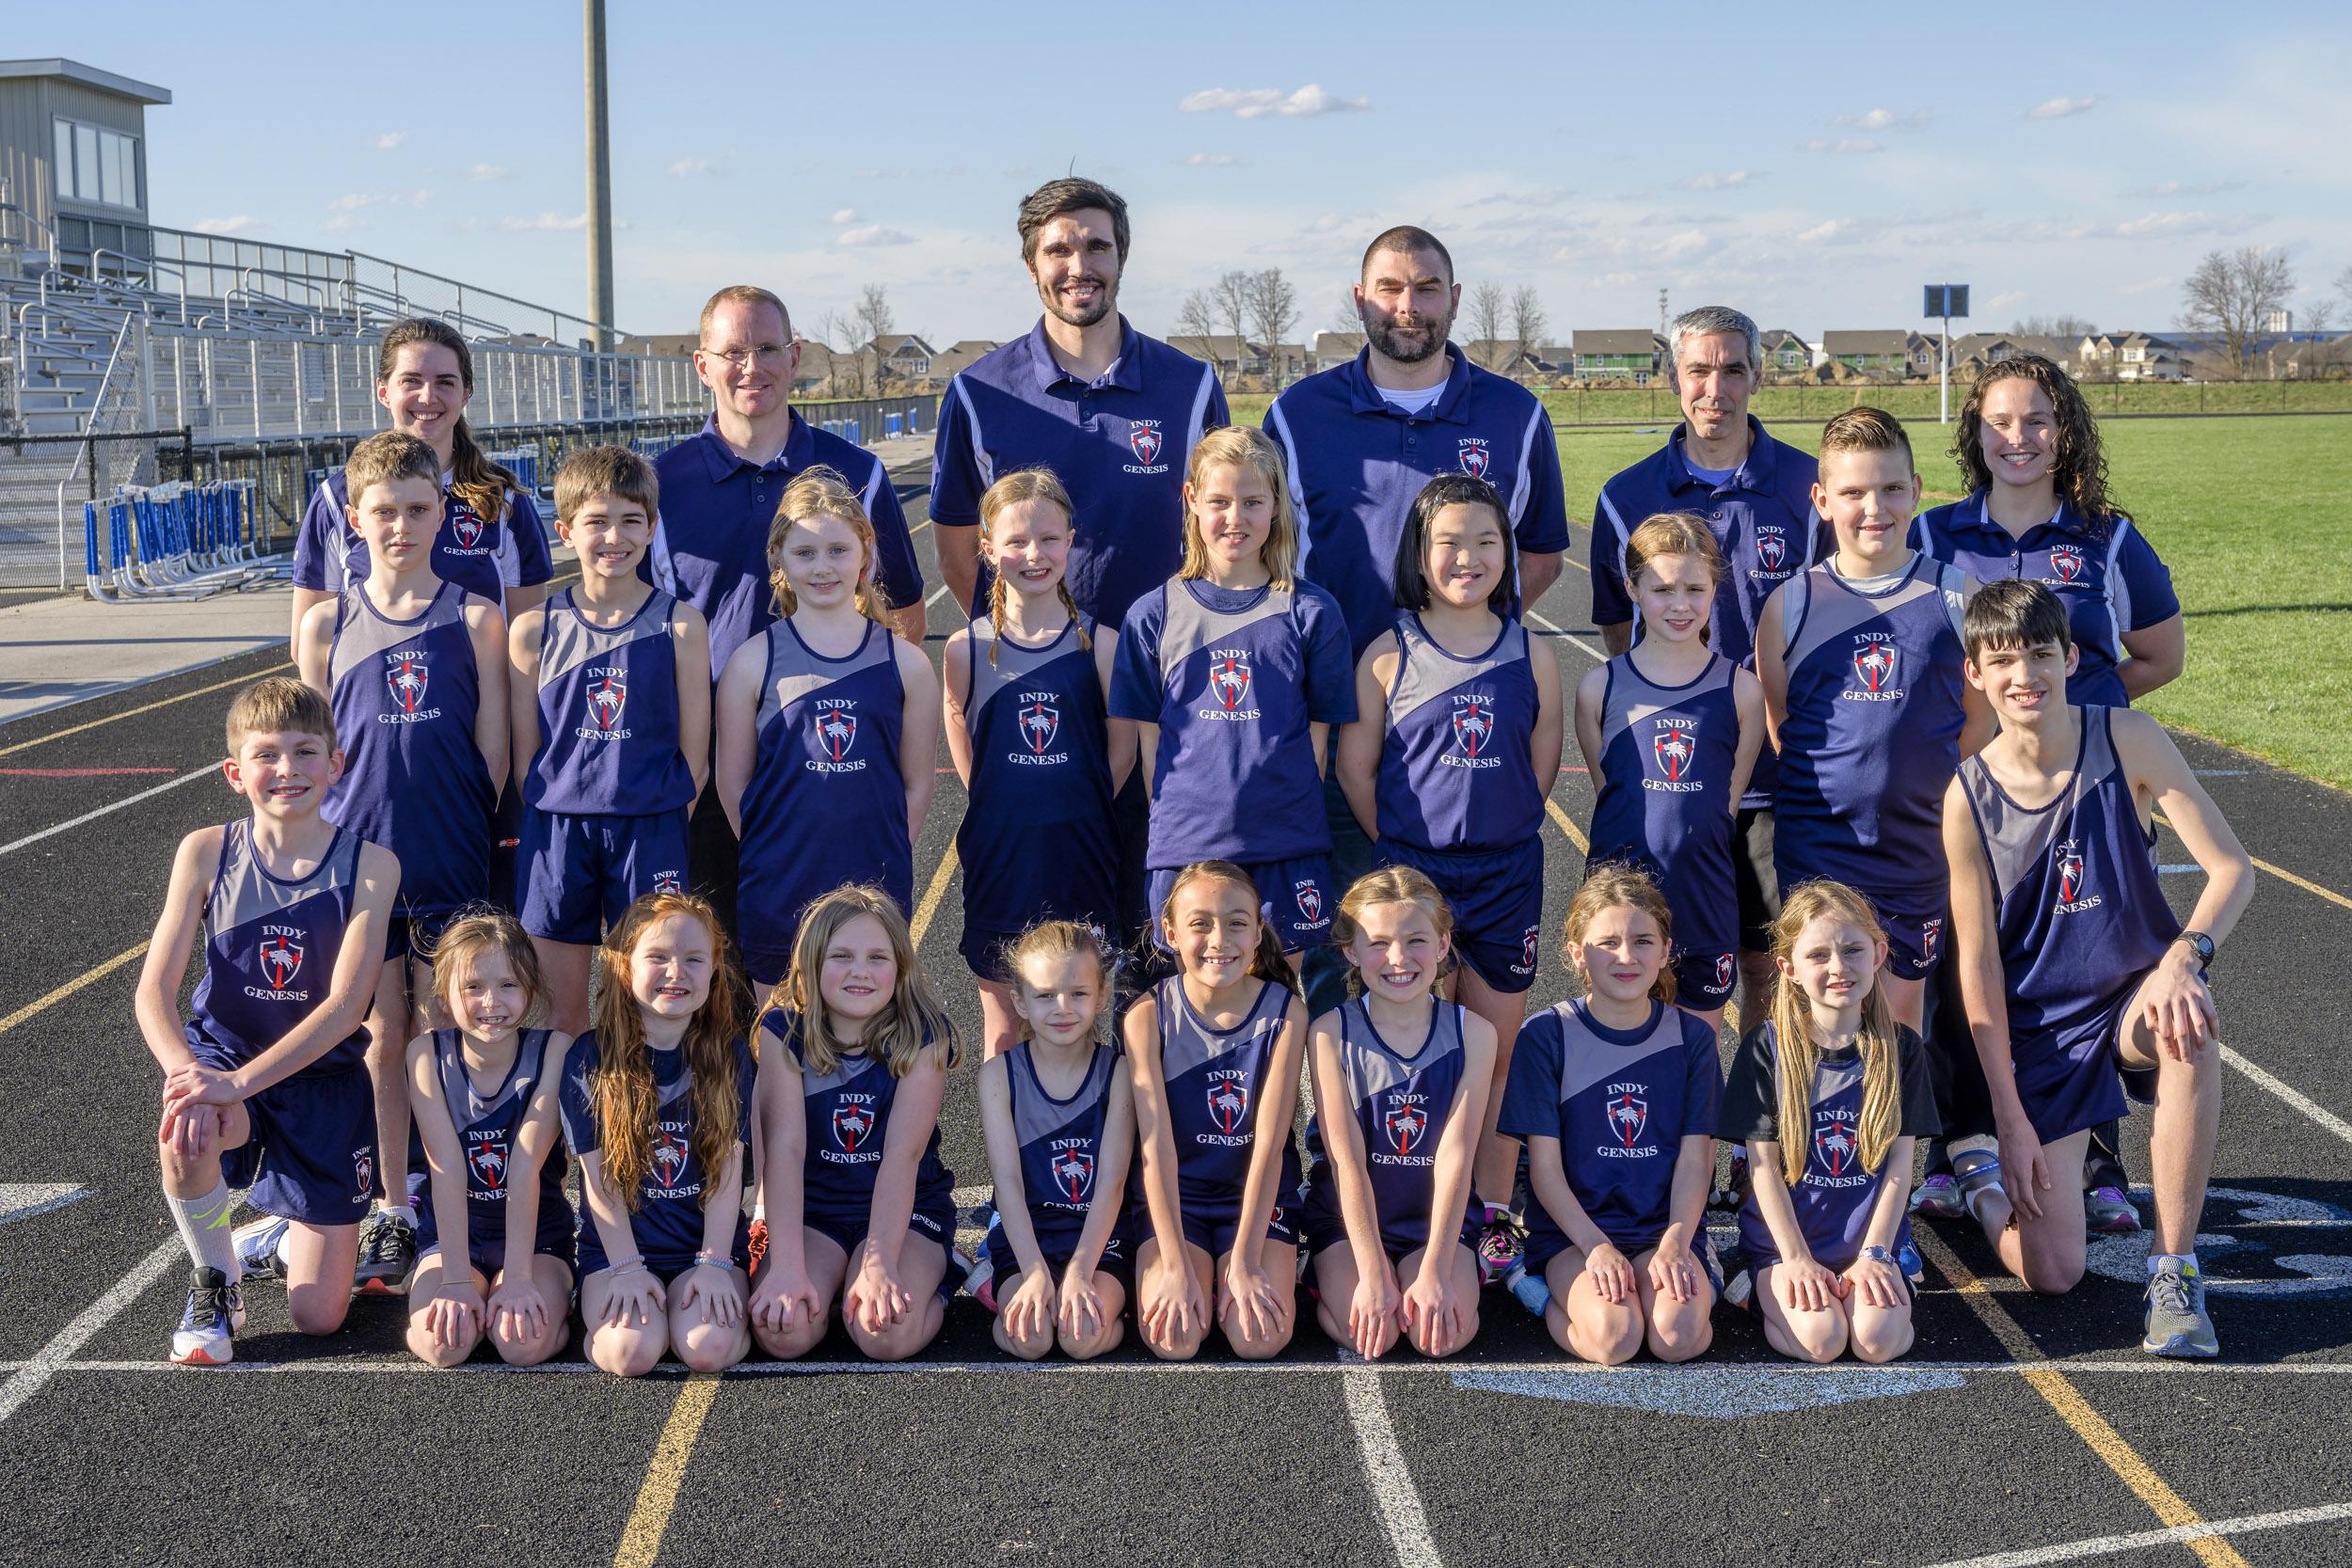 2019 Indy Genesis Elementary School Trac